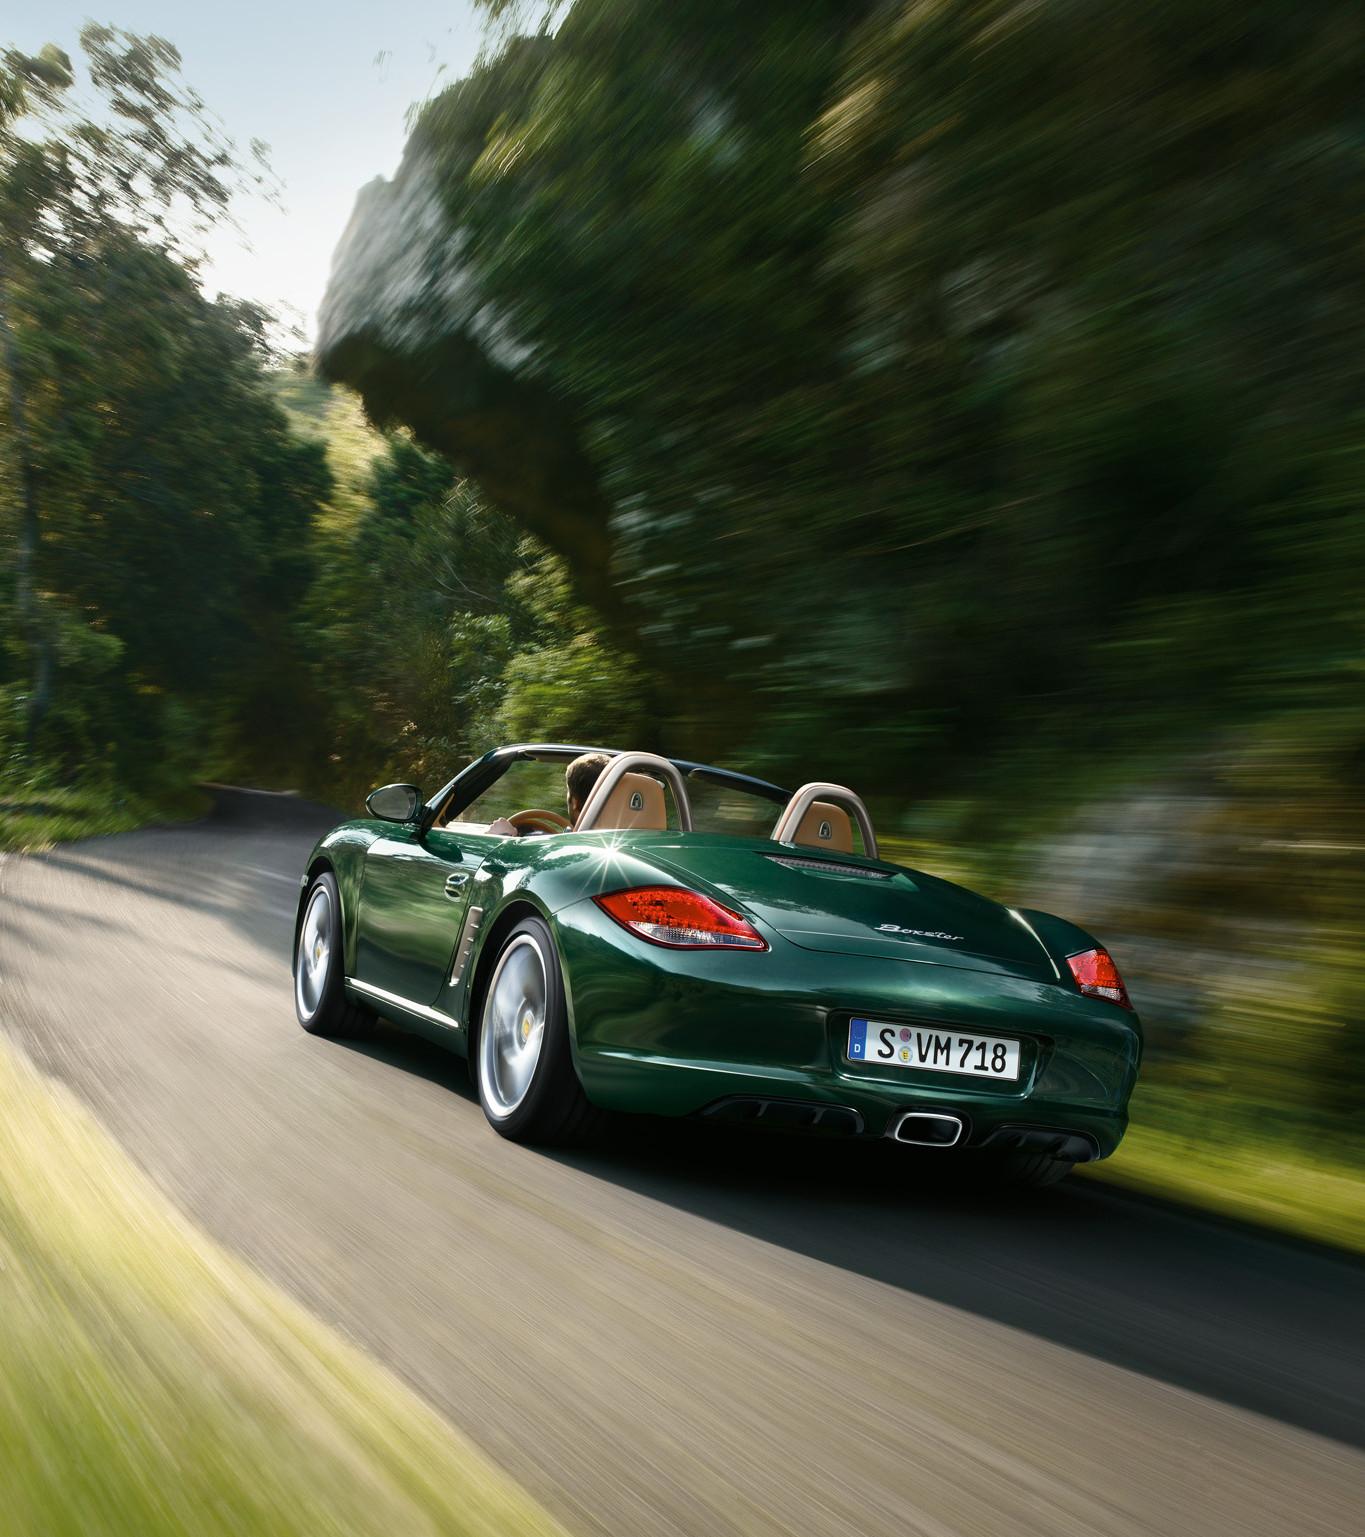 Usato garantito Porsche Approved